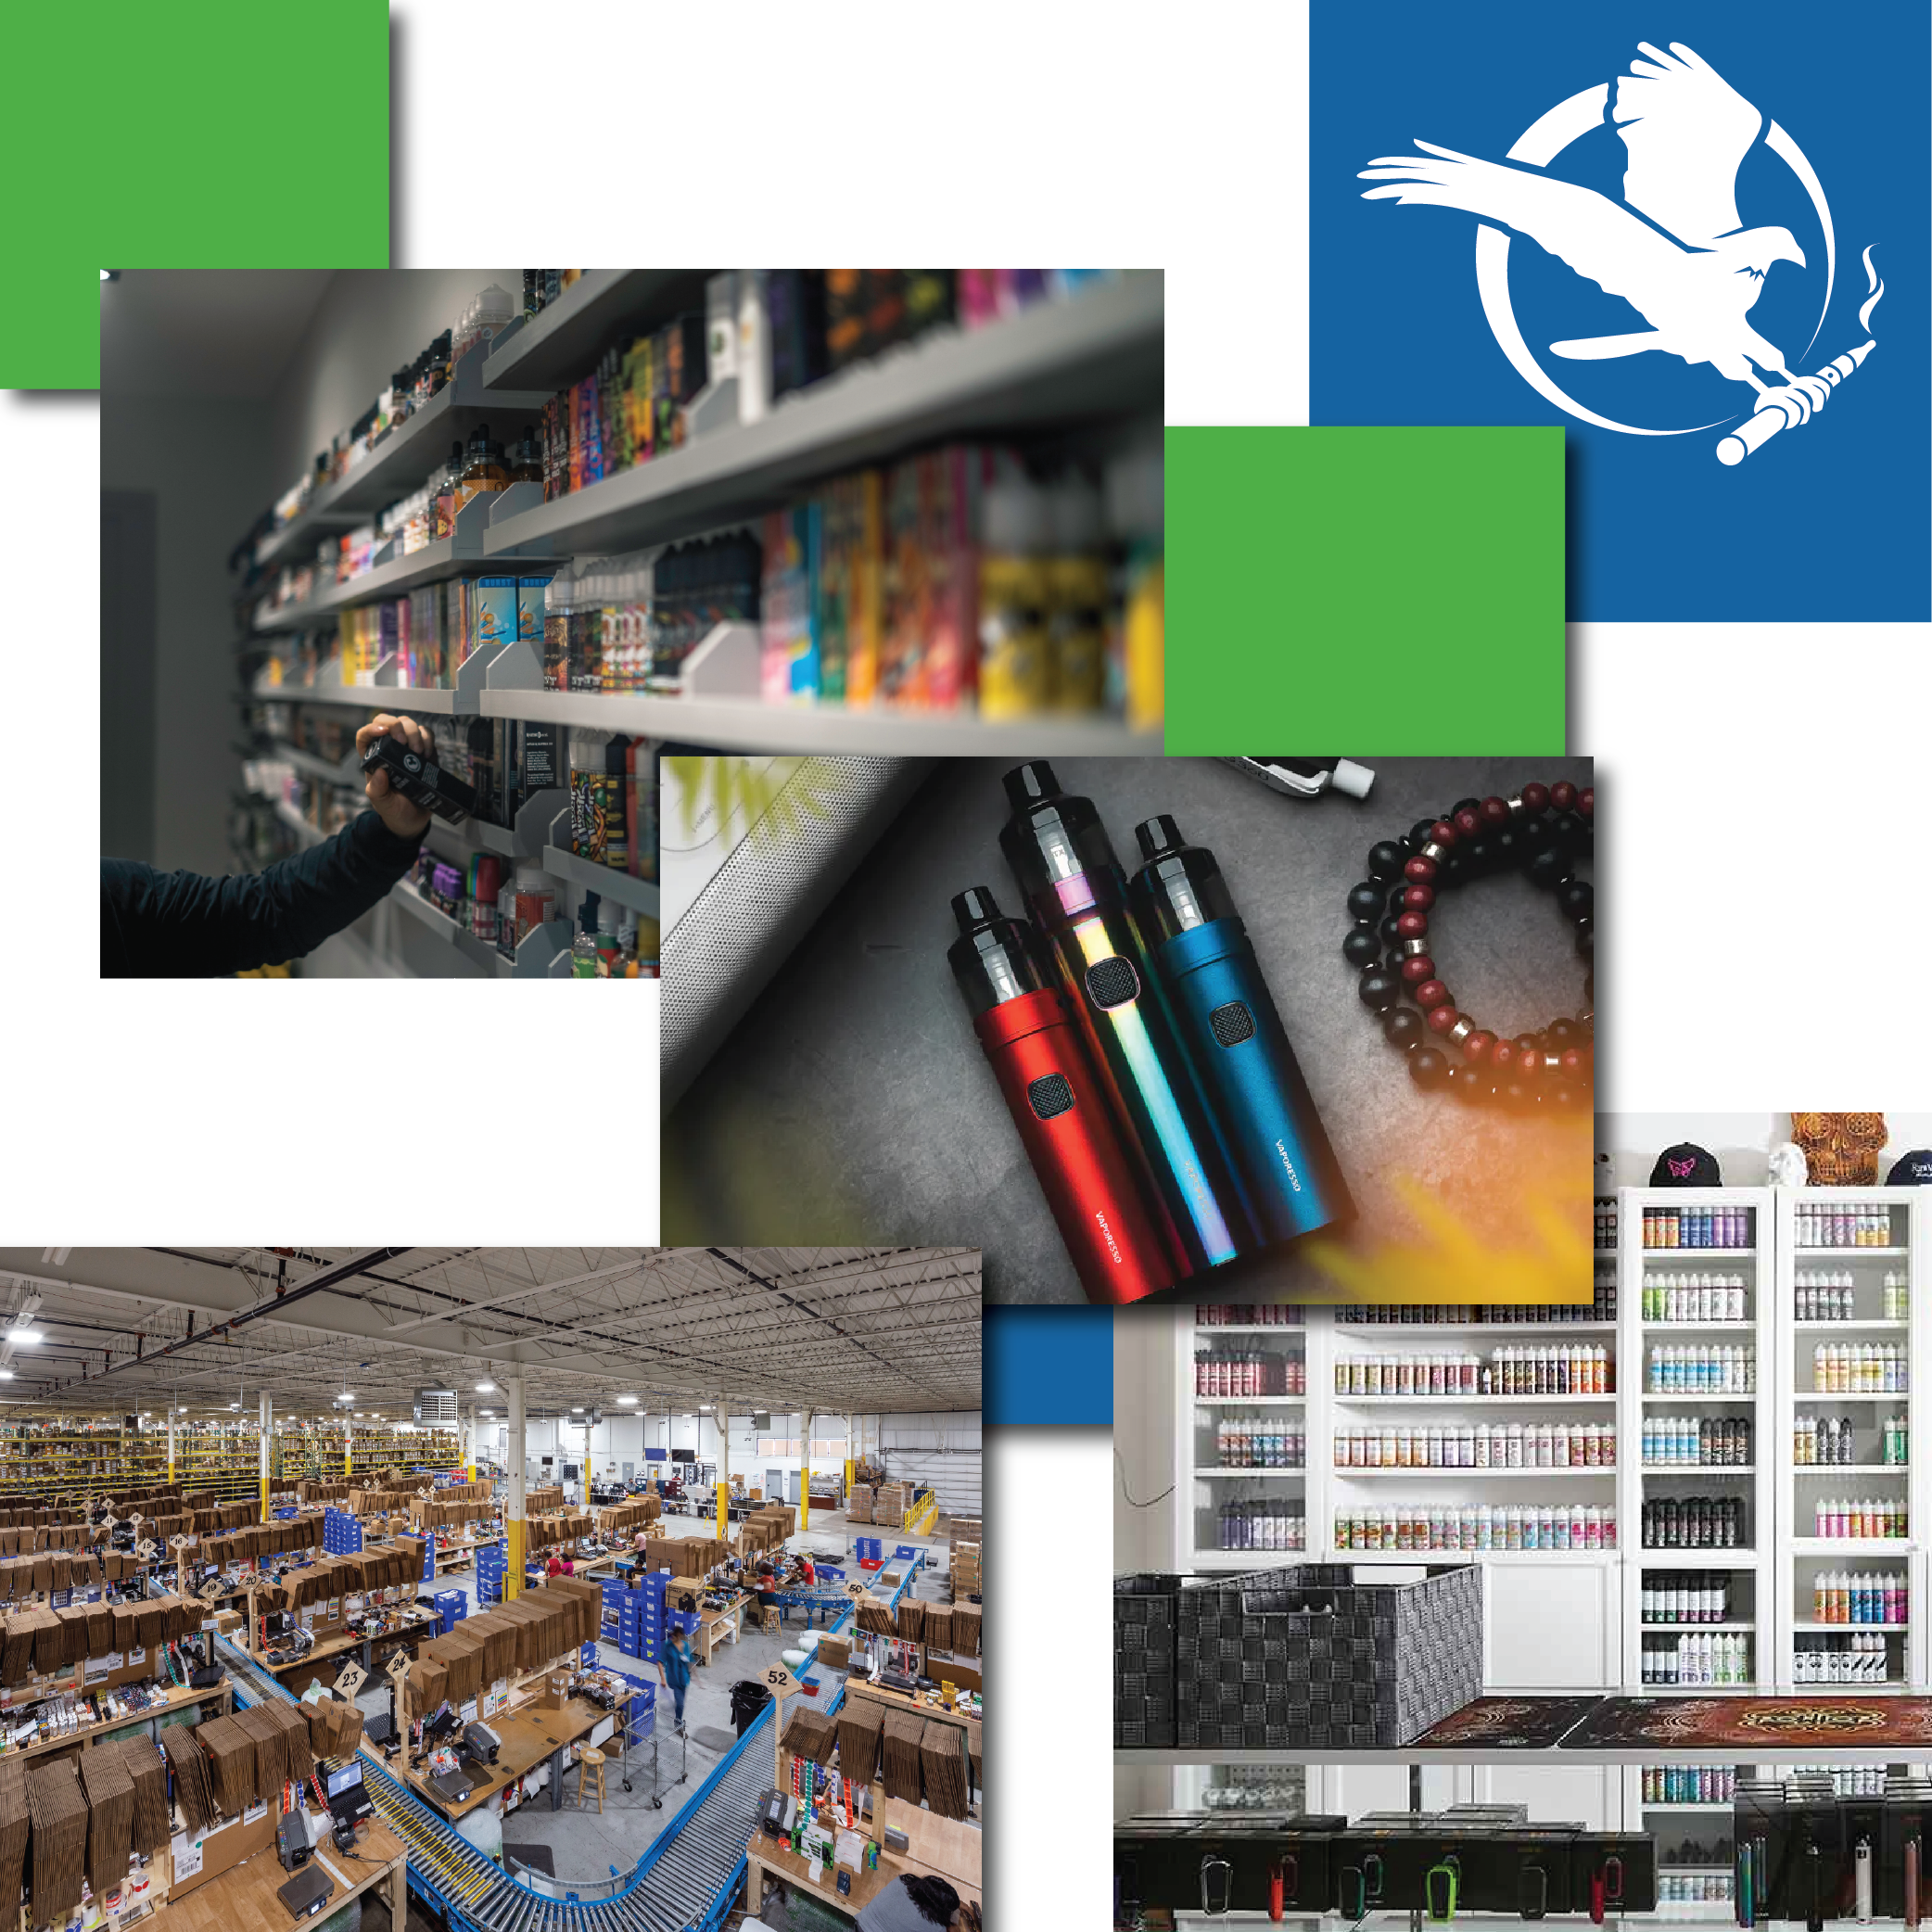 Wholesale Vape Supply Distribution, Eliquids, Devices & Accessories Midwest Goods Inc